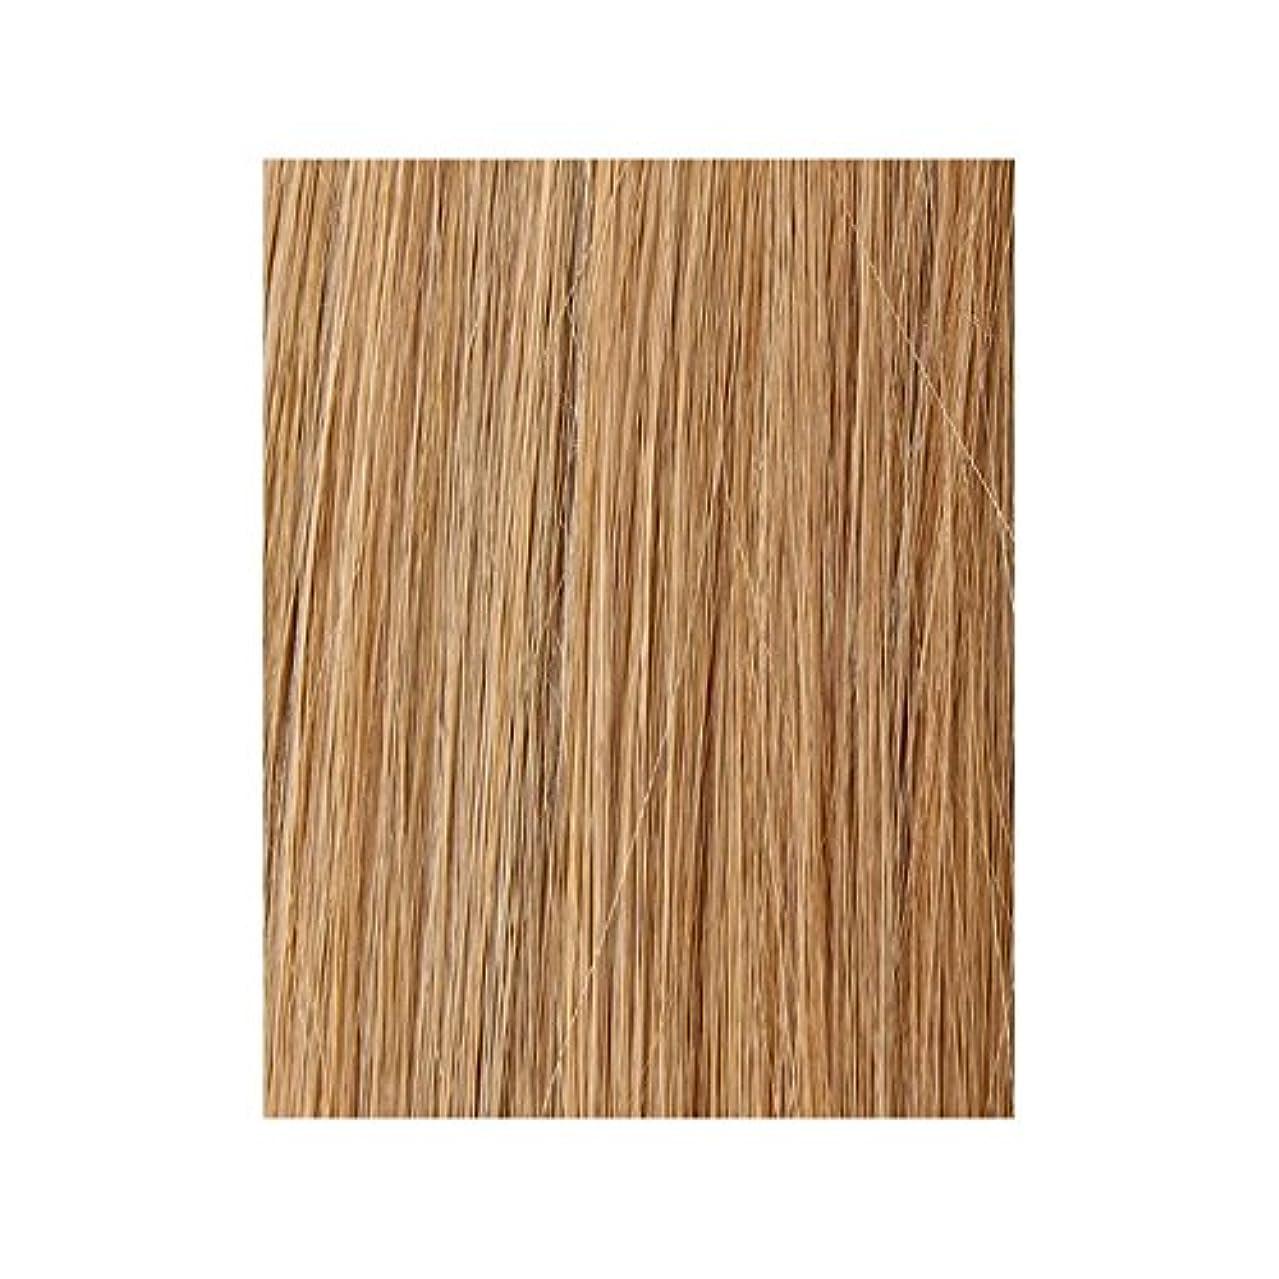 区別する従者早熟Beauty Works 100% Remy Colour Swatch Hair Extension - Tanned Blonde 10/14/16 (Pack of 6) - 美しさは、100%レミー色見本ヘアエクステンションを作品 - ブロンド日焼けした10/14/16 x6 [並行輸入品]